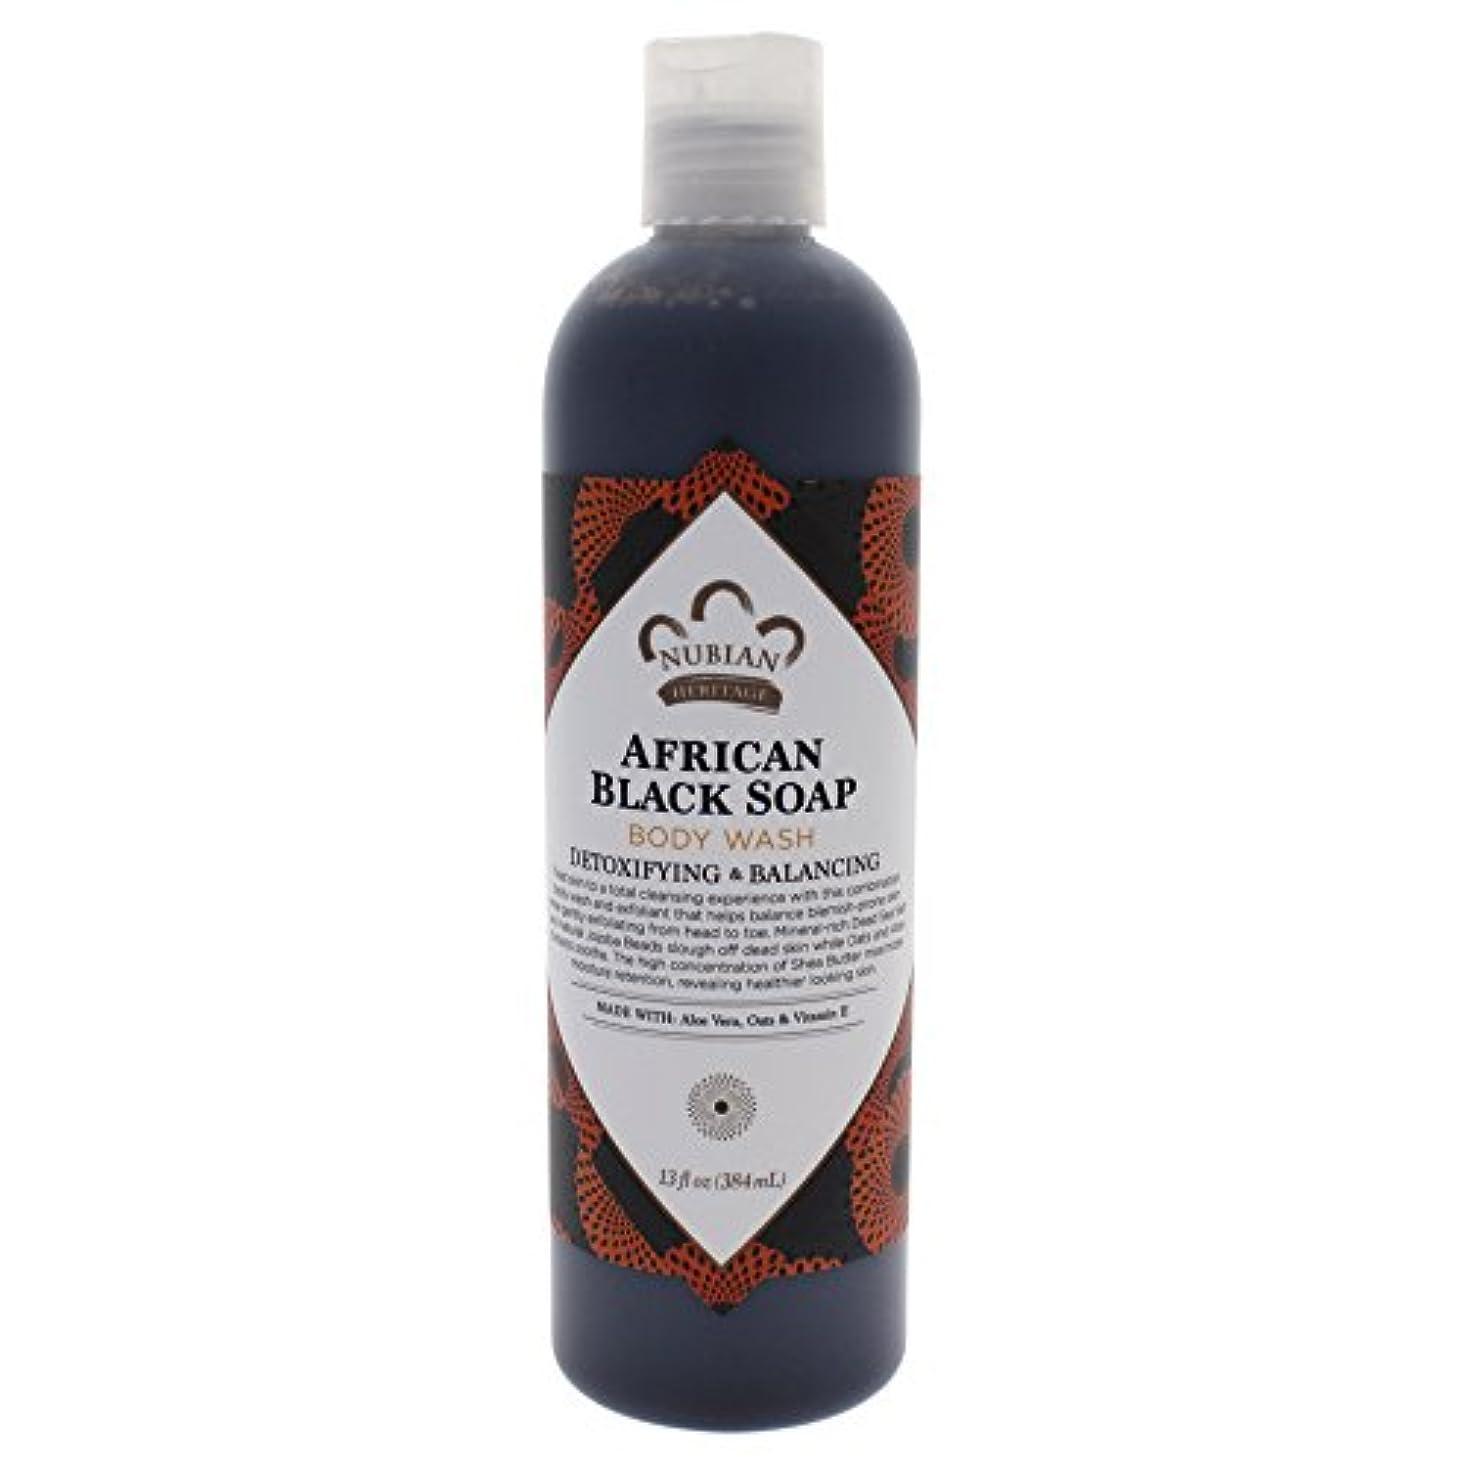 ボトルネック素晴らしいです衣装Nubian Heritage - ボディウォッシュ アフリカ黒石鹸 - 13ポンド [並行輸入品]